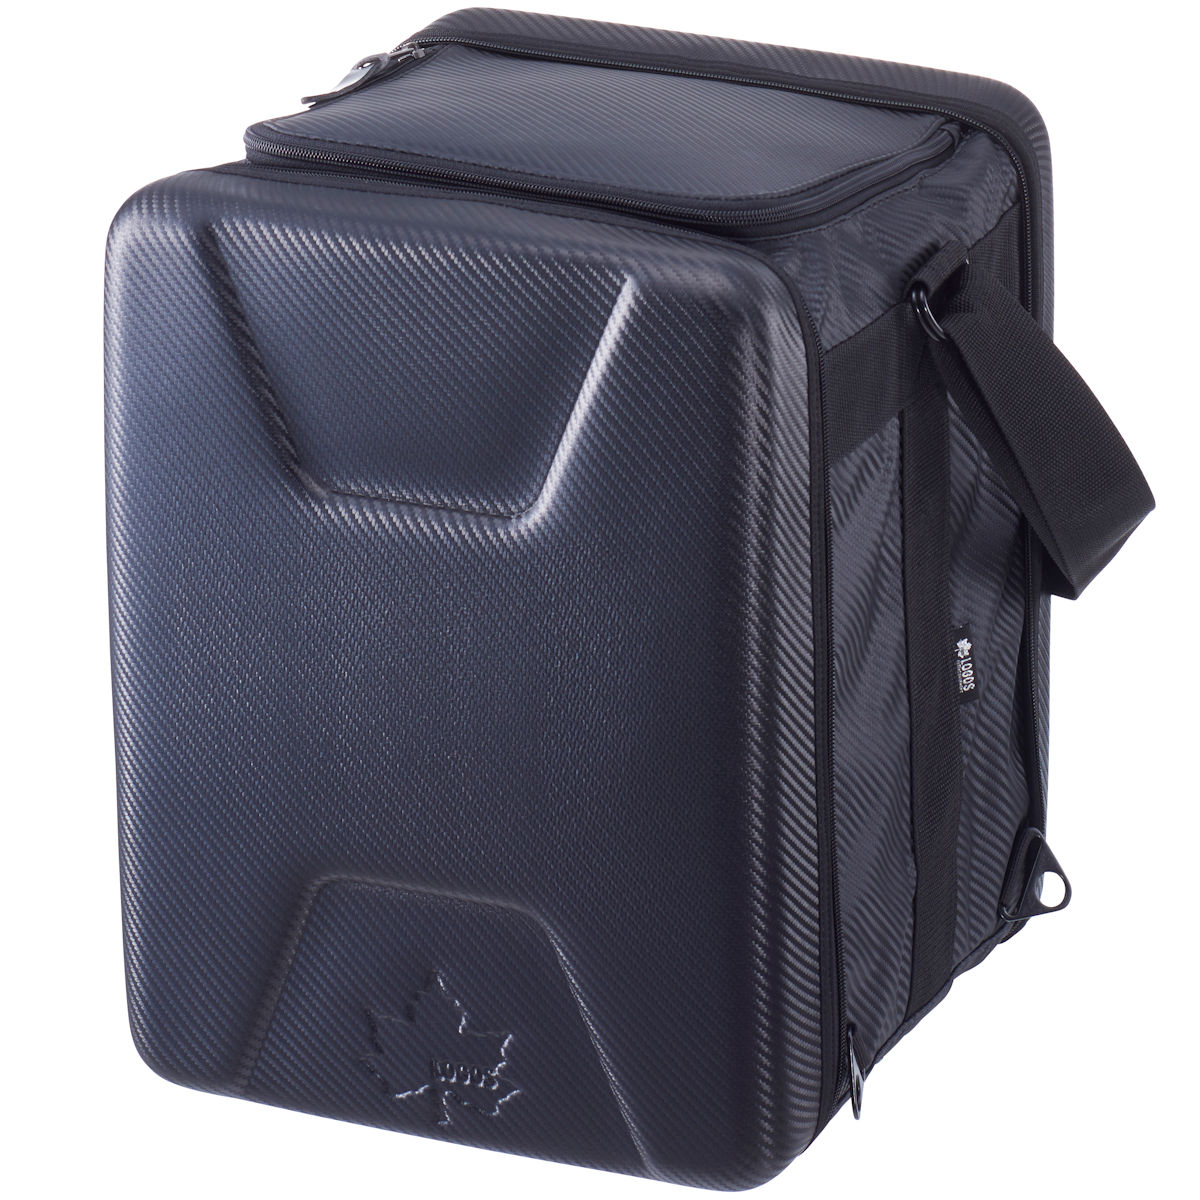 ロゴス(LOGOS) ソフトクーラー ハイパー氷点下クールマスター・リュックXL(カーボン) 81670030 クーラー ジャグ 保冷剤 キャンプ アウトドア